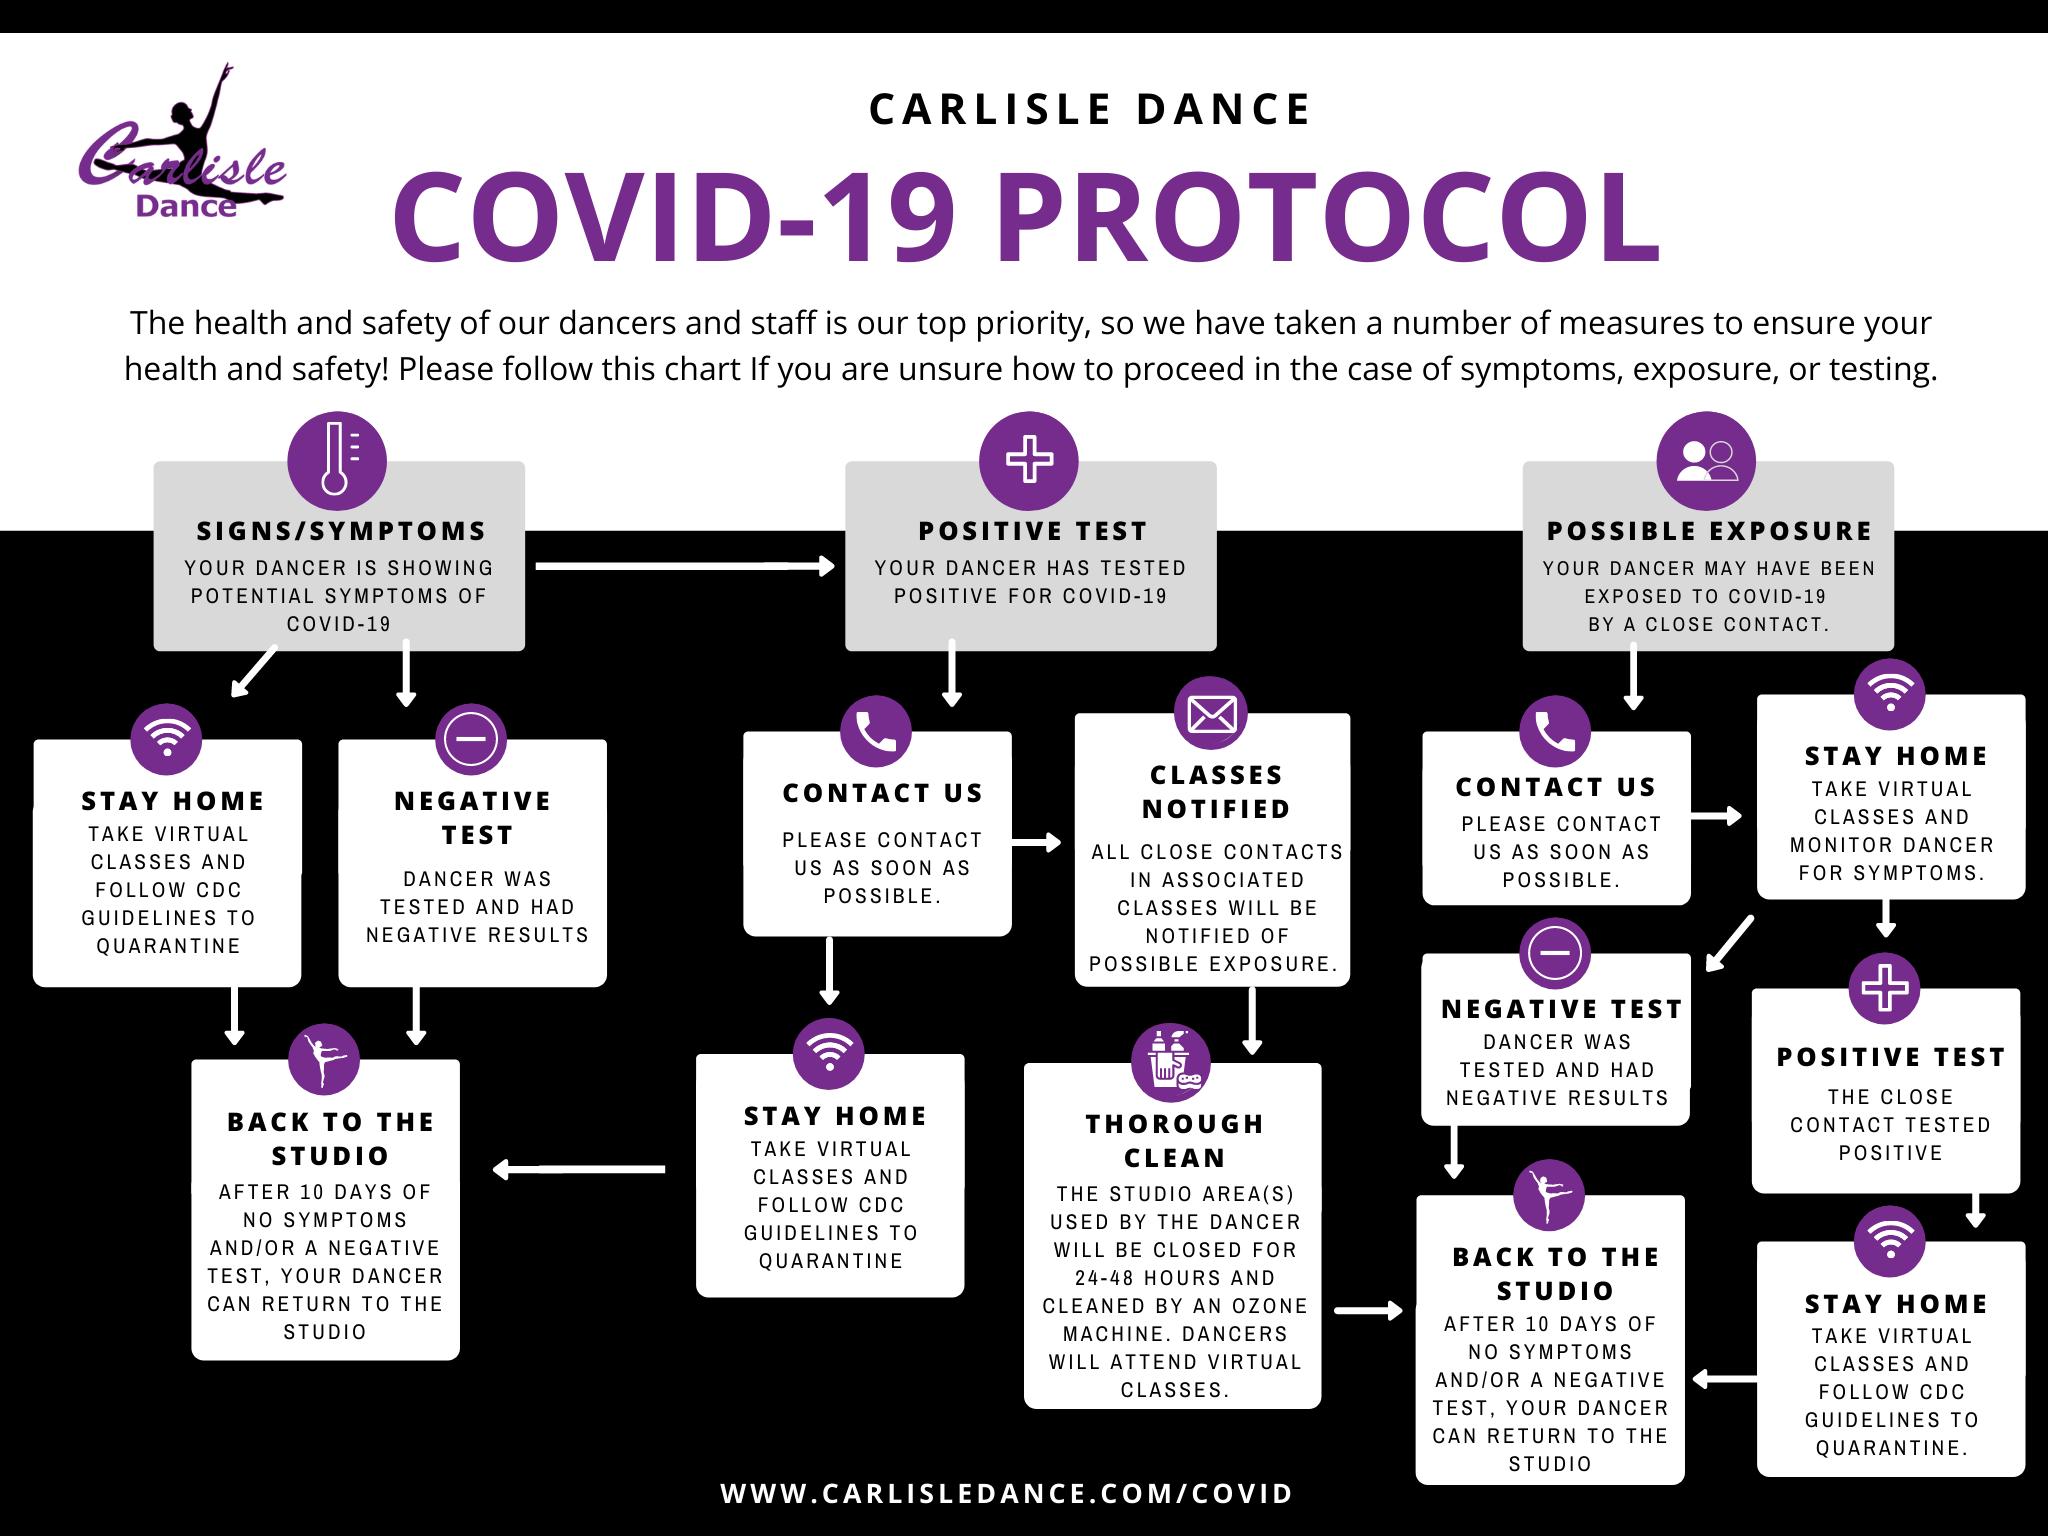 COVID-19 Protocol Chart